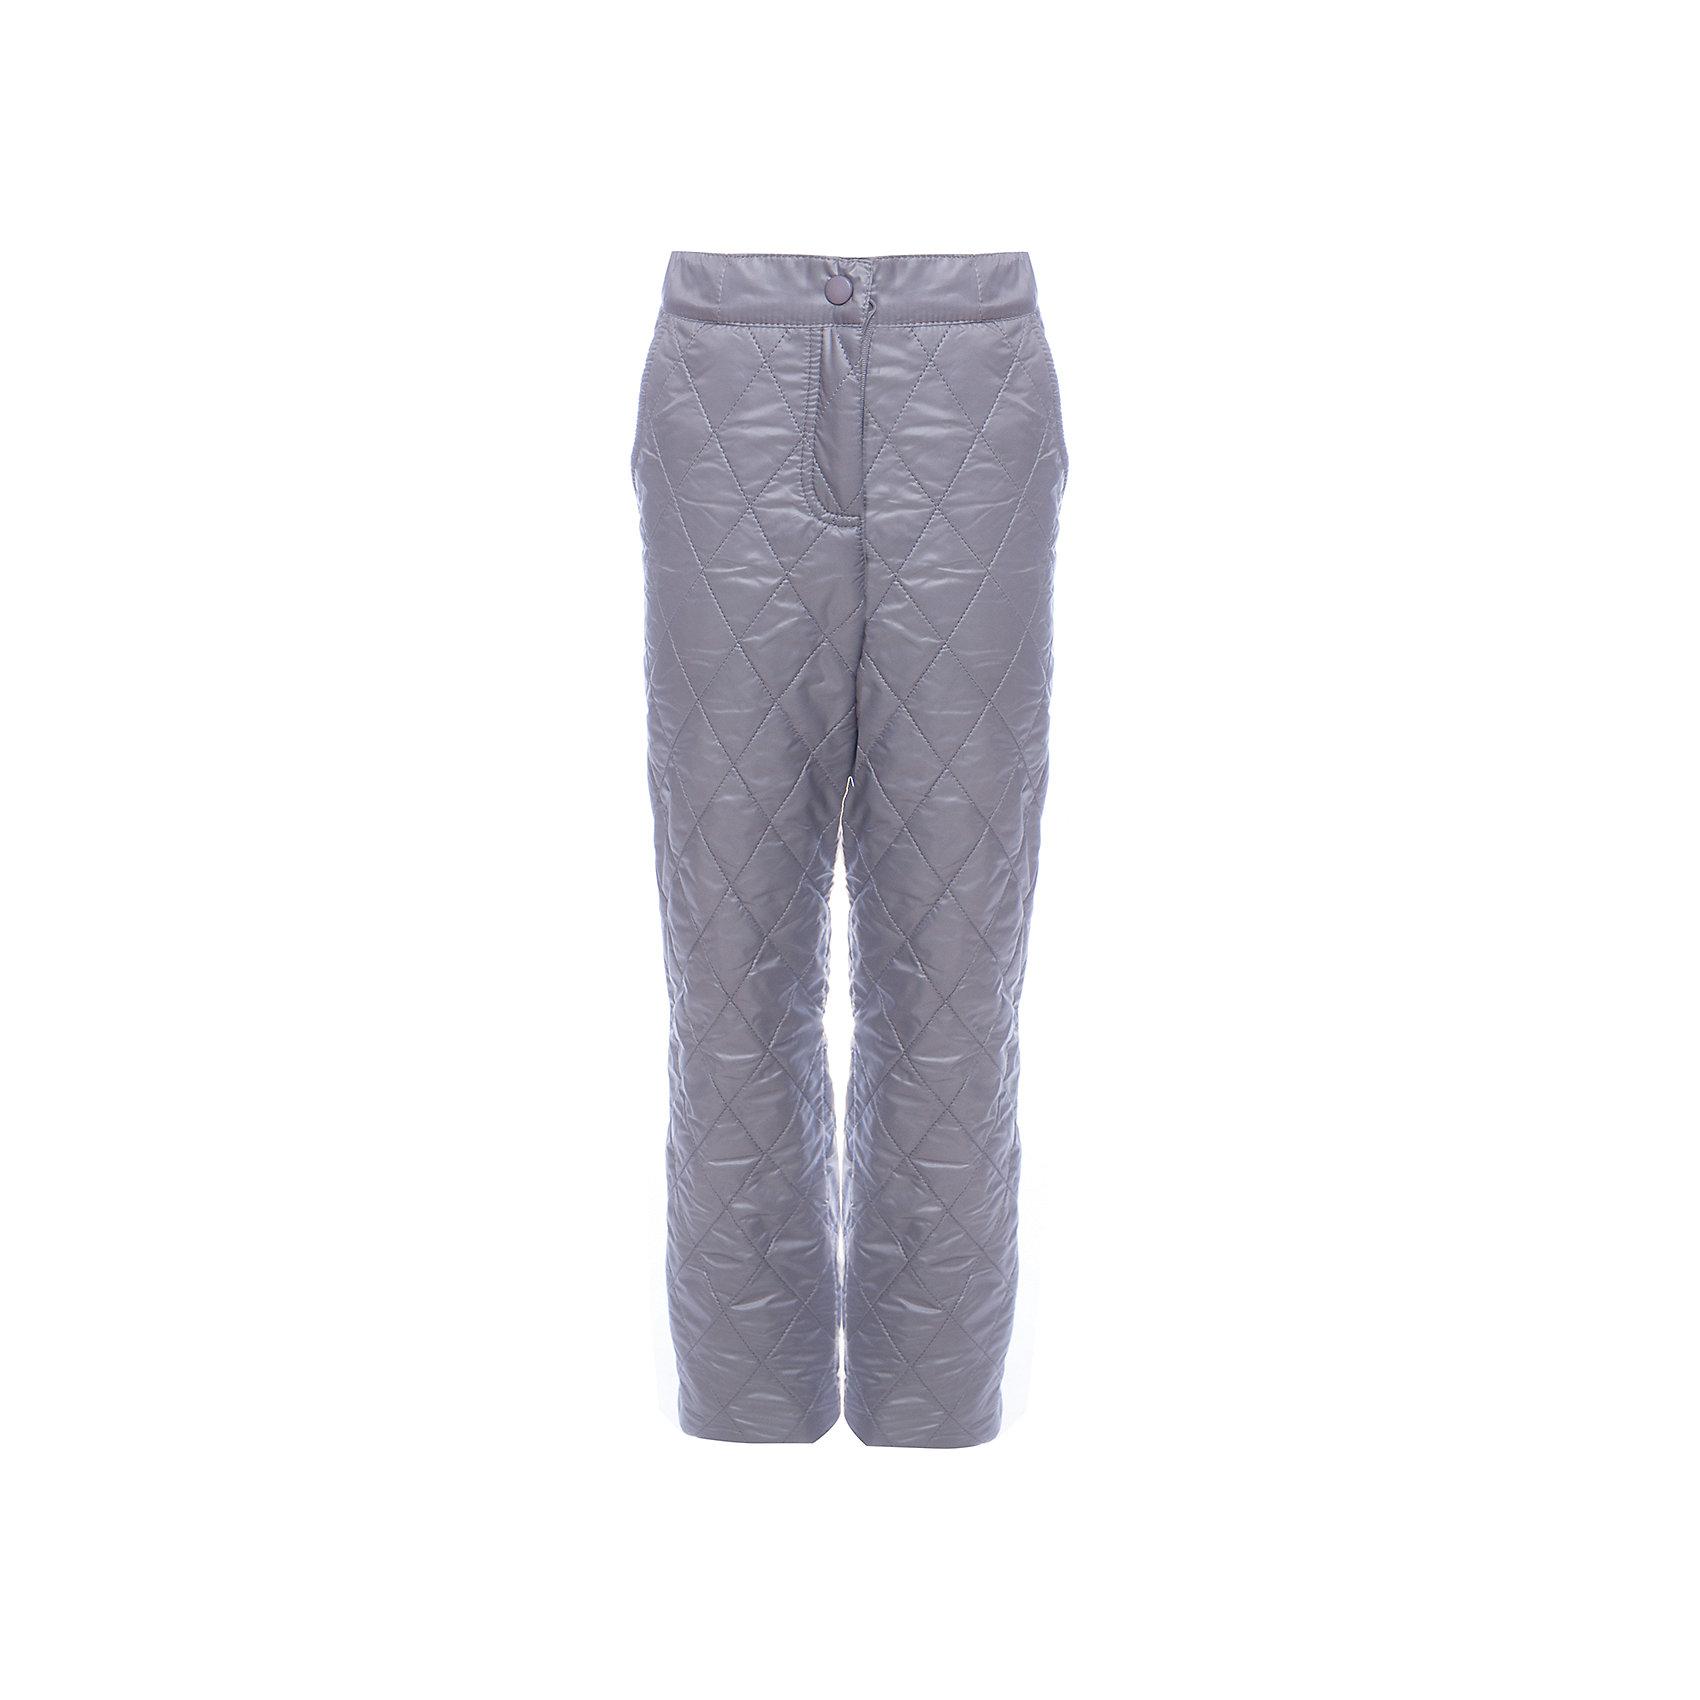 Брюки BOOM by Orby для девочкиВерхняя одежда<br>Характеристики товара:<br><br>• цвет: серый<br>• ткань верха: Таффета pu milky<br>• подкладка: Флис<br>• без утеплителя<br>• сезон: демисезон<br>• температурный режим: от +5°до +15°С<br>• особенности одежды: на молнии, стеганая<br>• тип брюк: стеганые<br>• пояс: регулировка объема резинкой<br>• карманы: втачные<br>• страна бренда: Россия<br>• страна изготовитель: Россия<br><br>Благодаря флисовой подкладке, оптимальному прилеганию и прочной ткани верха такие брюки защитят ребенка от холода и сырости в демисезон. Детская демисезонная одежда должна учитывать переменную погоду, быть теплой и удобной, как эти брюки для девочки. <br><br>Брюки BOOM by Orby для девочки можно купить в нашем интернет-магазине.<br><br>Ширина мм: 215<br>Глубина мм: 88<br>Высота мм: 191<br>Вес г: 336<br>Цвет: серый<br>Возраст от месяцев: 144<br>Возраст до месяцев: 156<br>Пол: Женский<br>Возраст: Детский<br>Размер: 158,86,92,104,110,98,116,122,128,134,140,146,152<br>SKU: 7007252